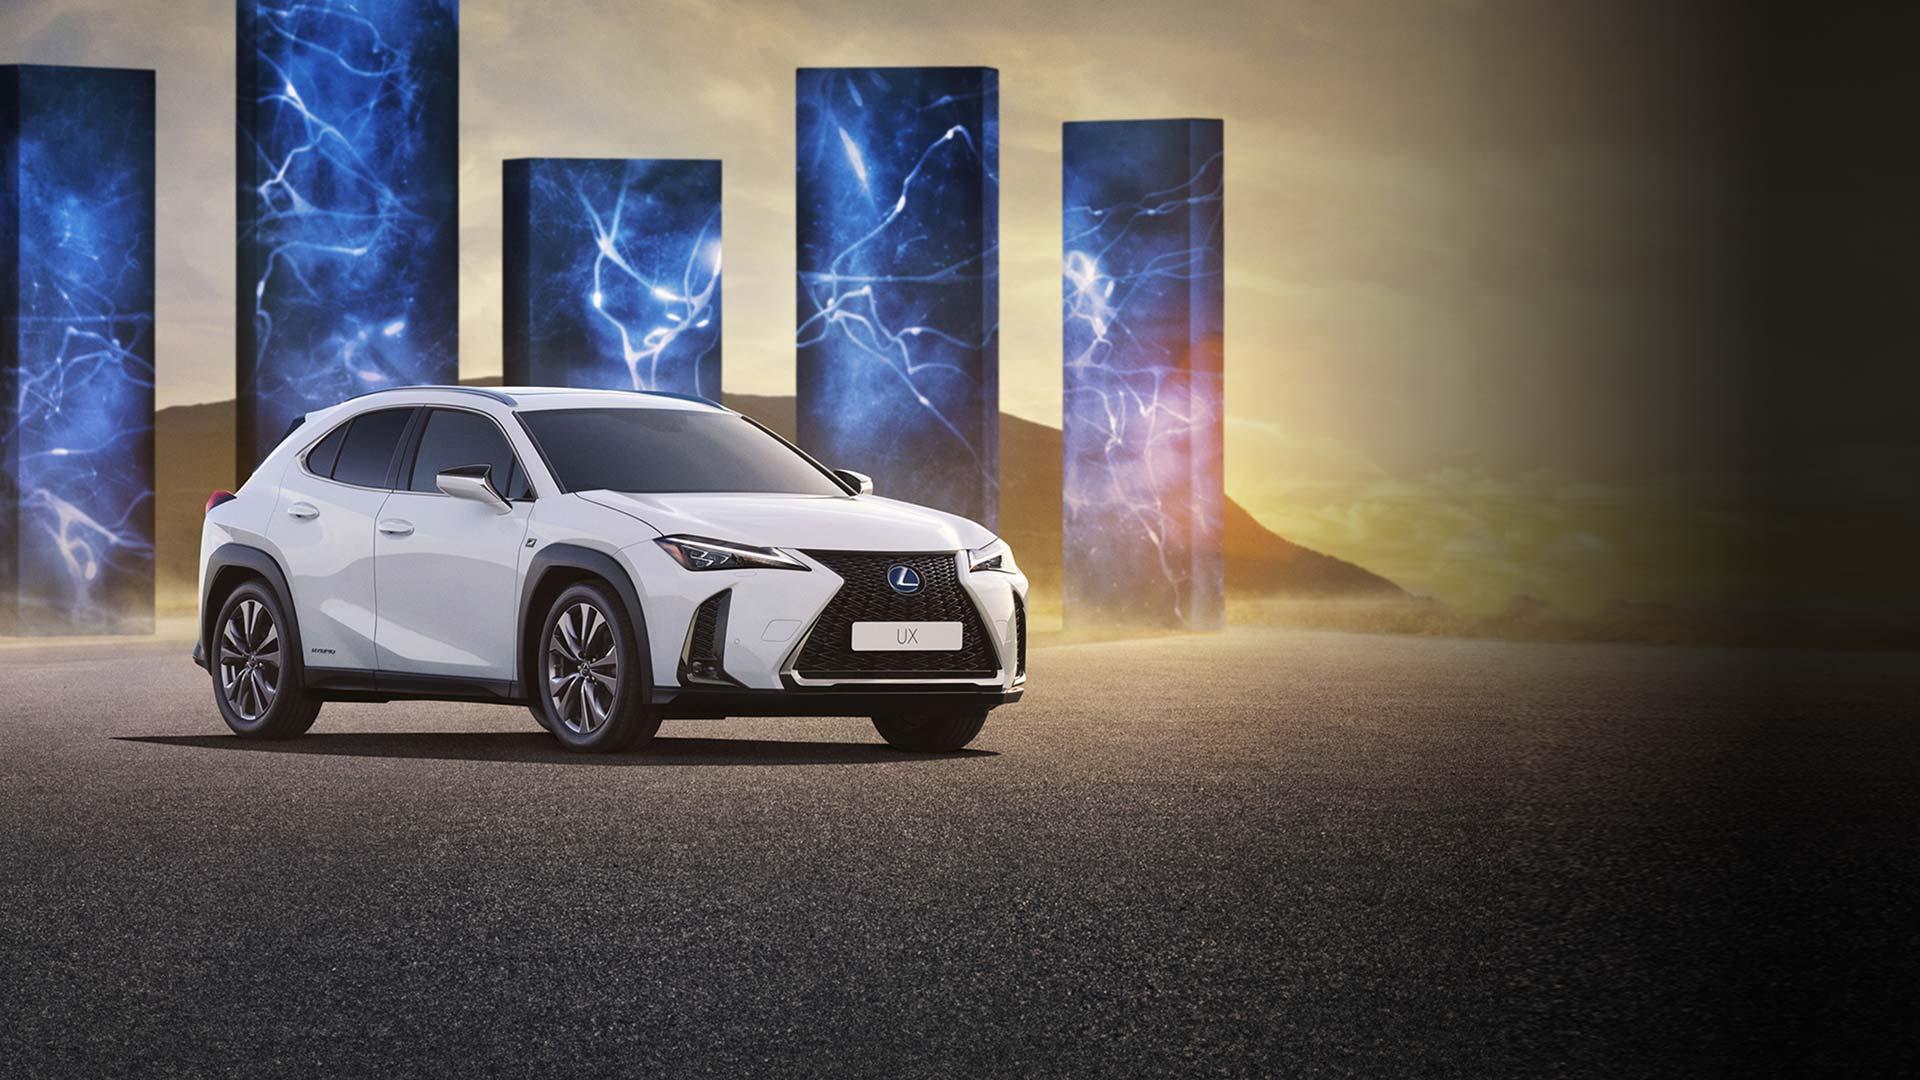 Lexus UX 250h Hybrid 2021 Electrified